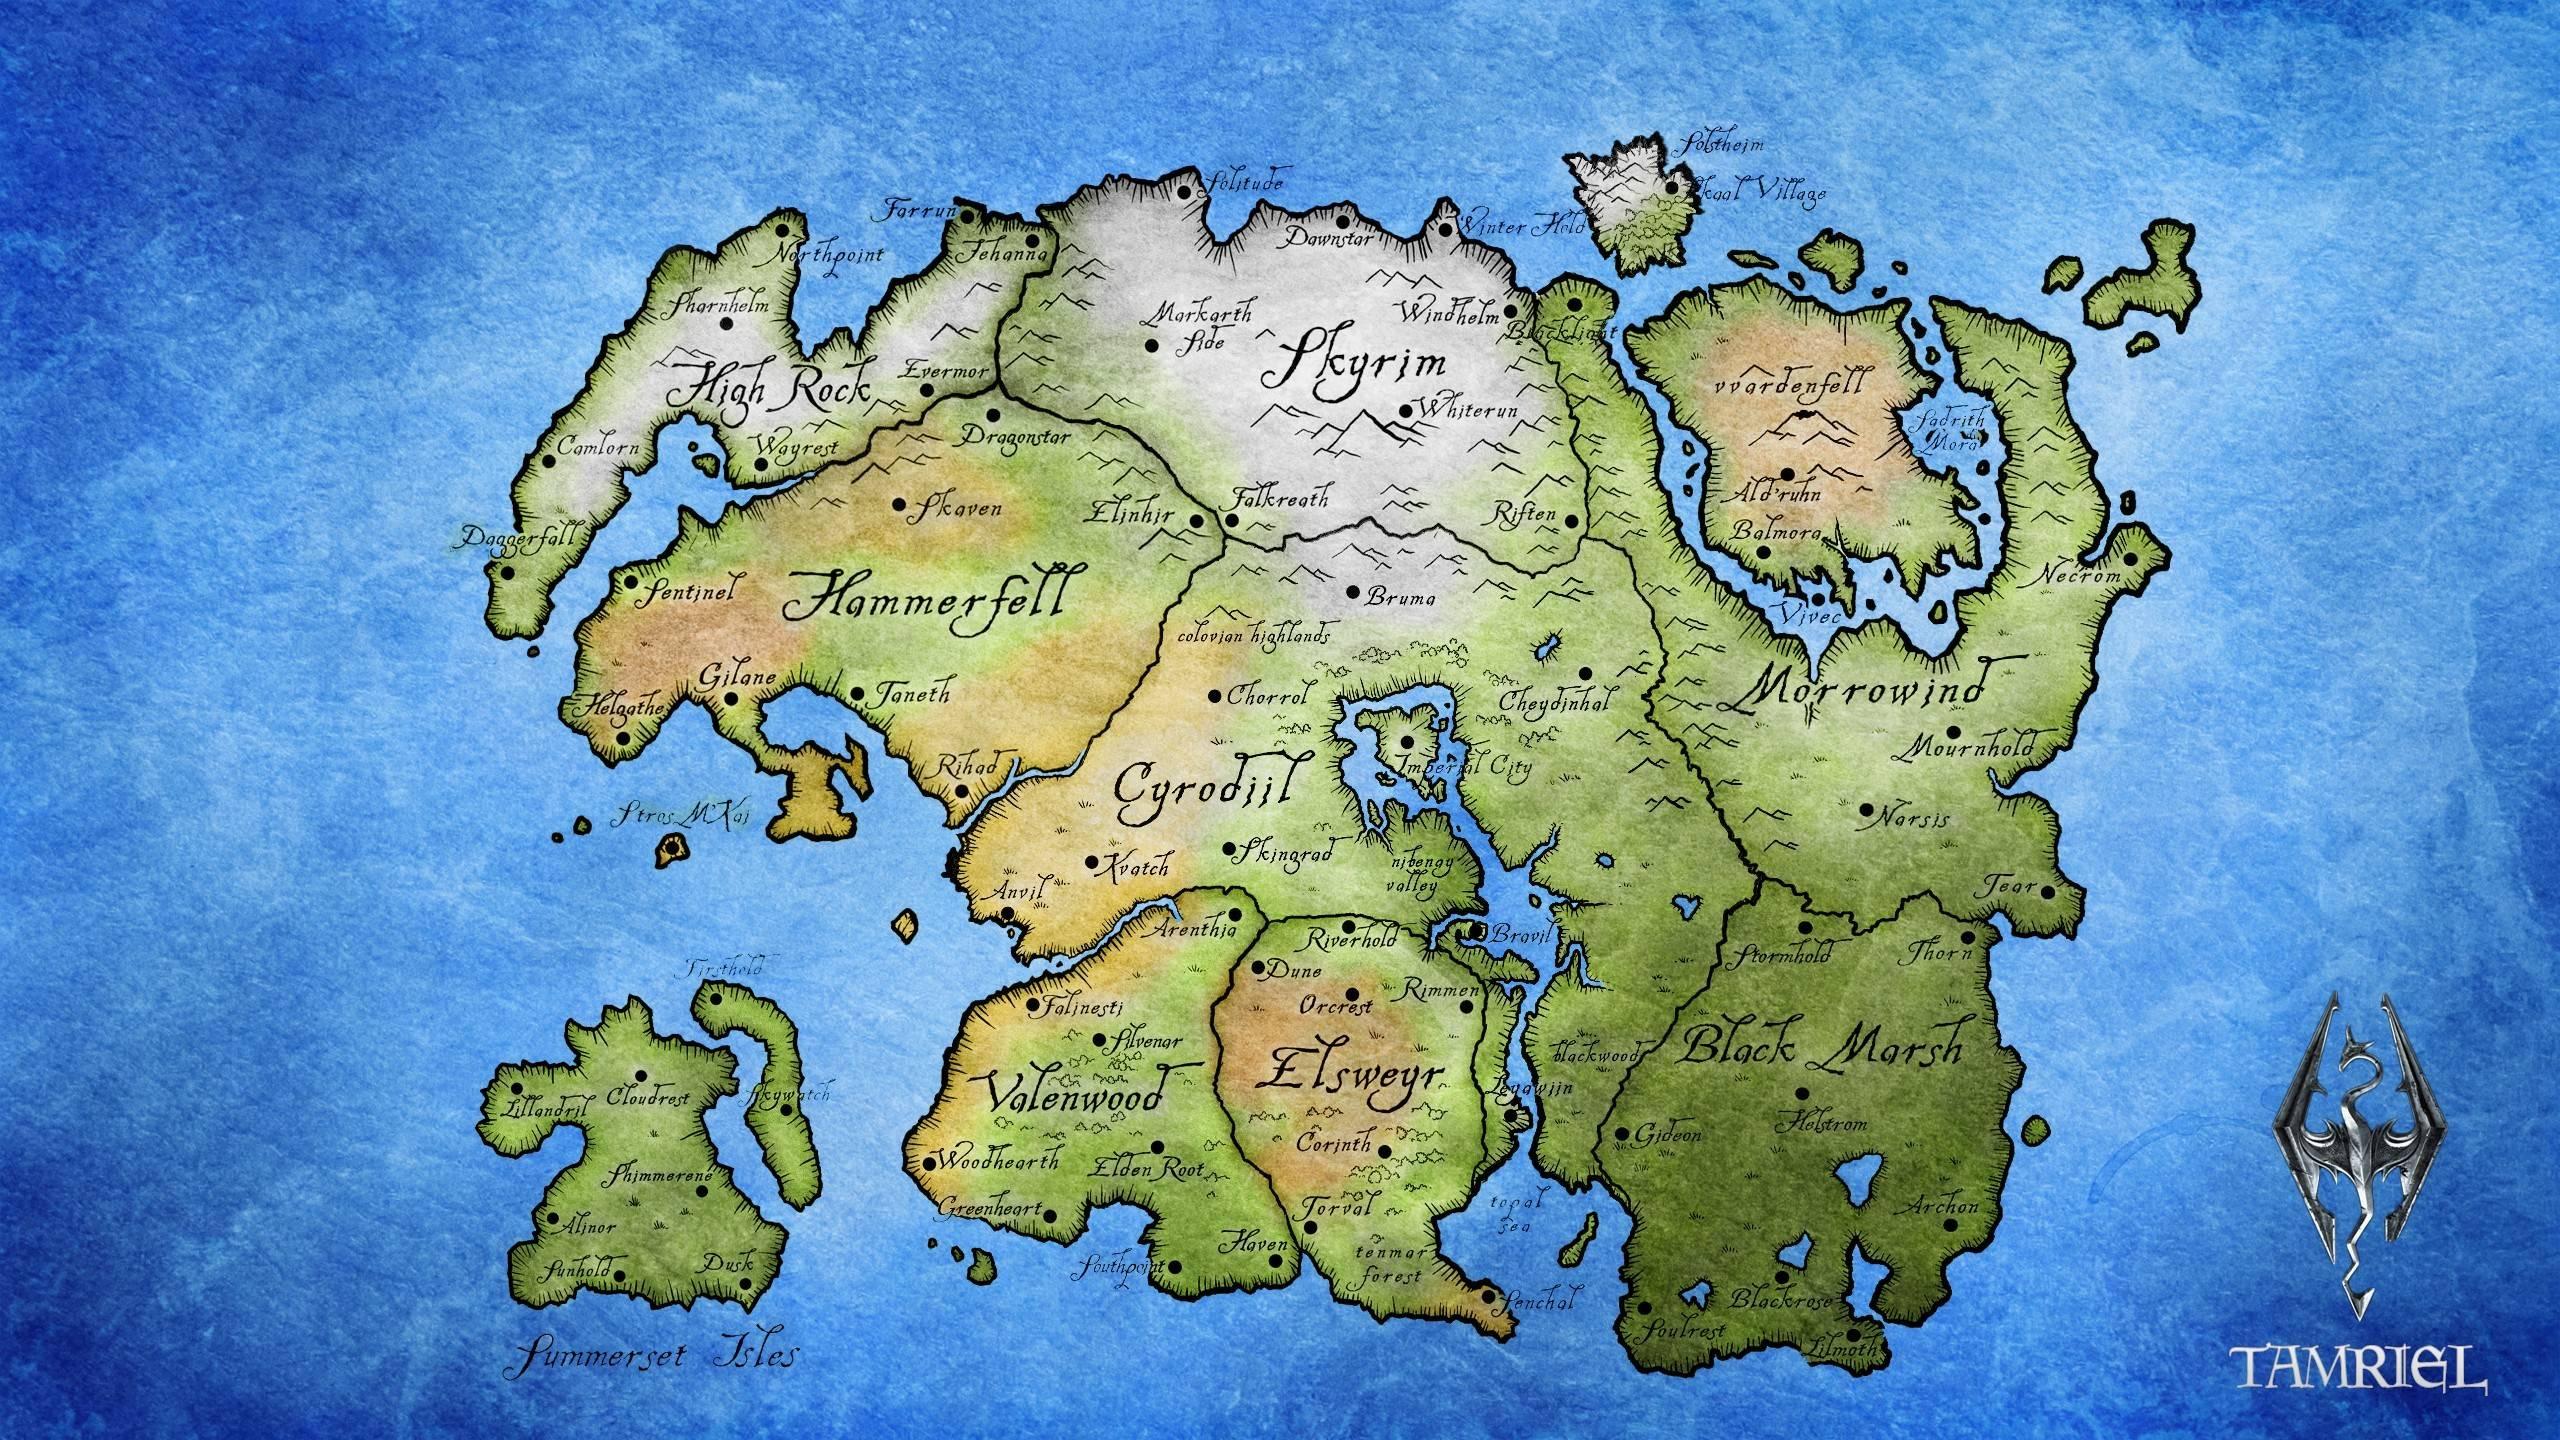 Skyrim Map Wallpapers - Wallpaper Cave